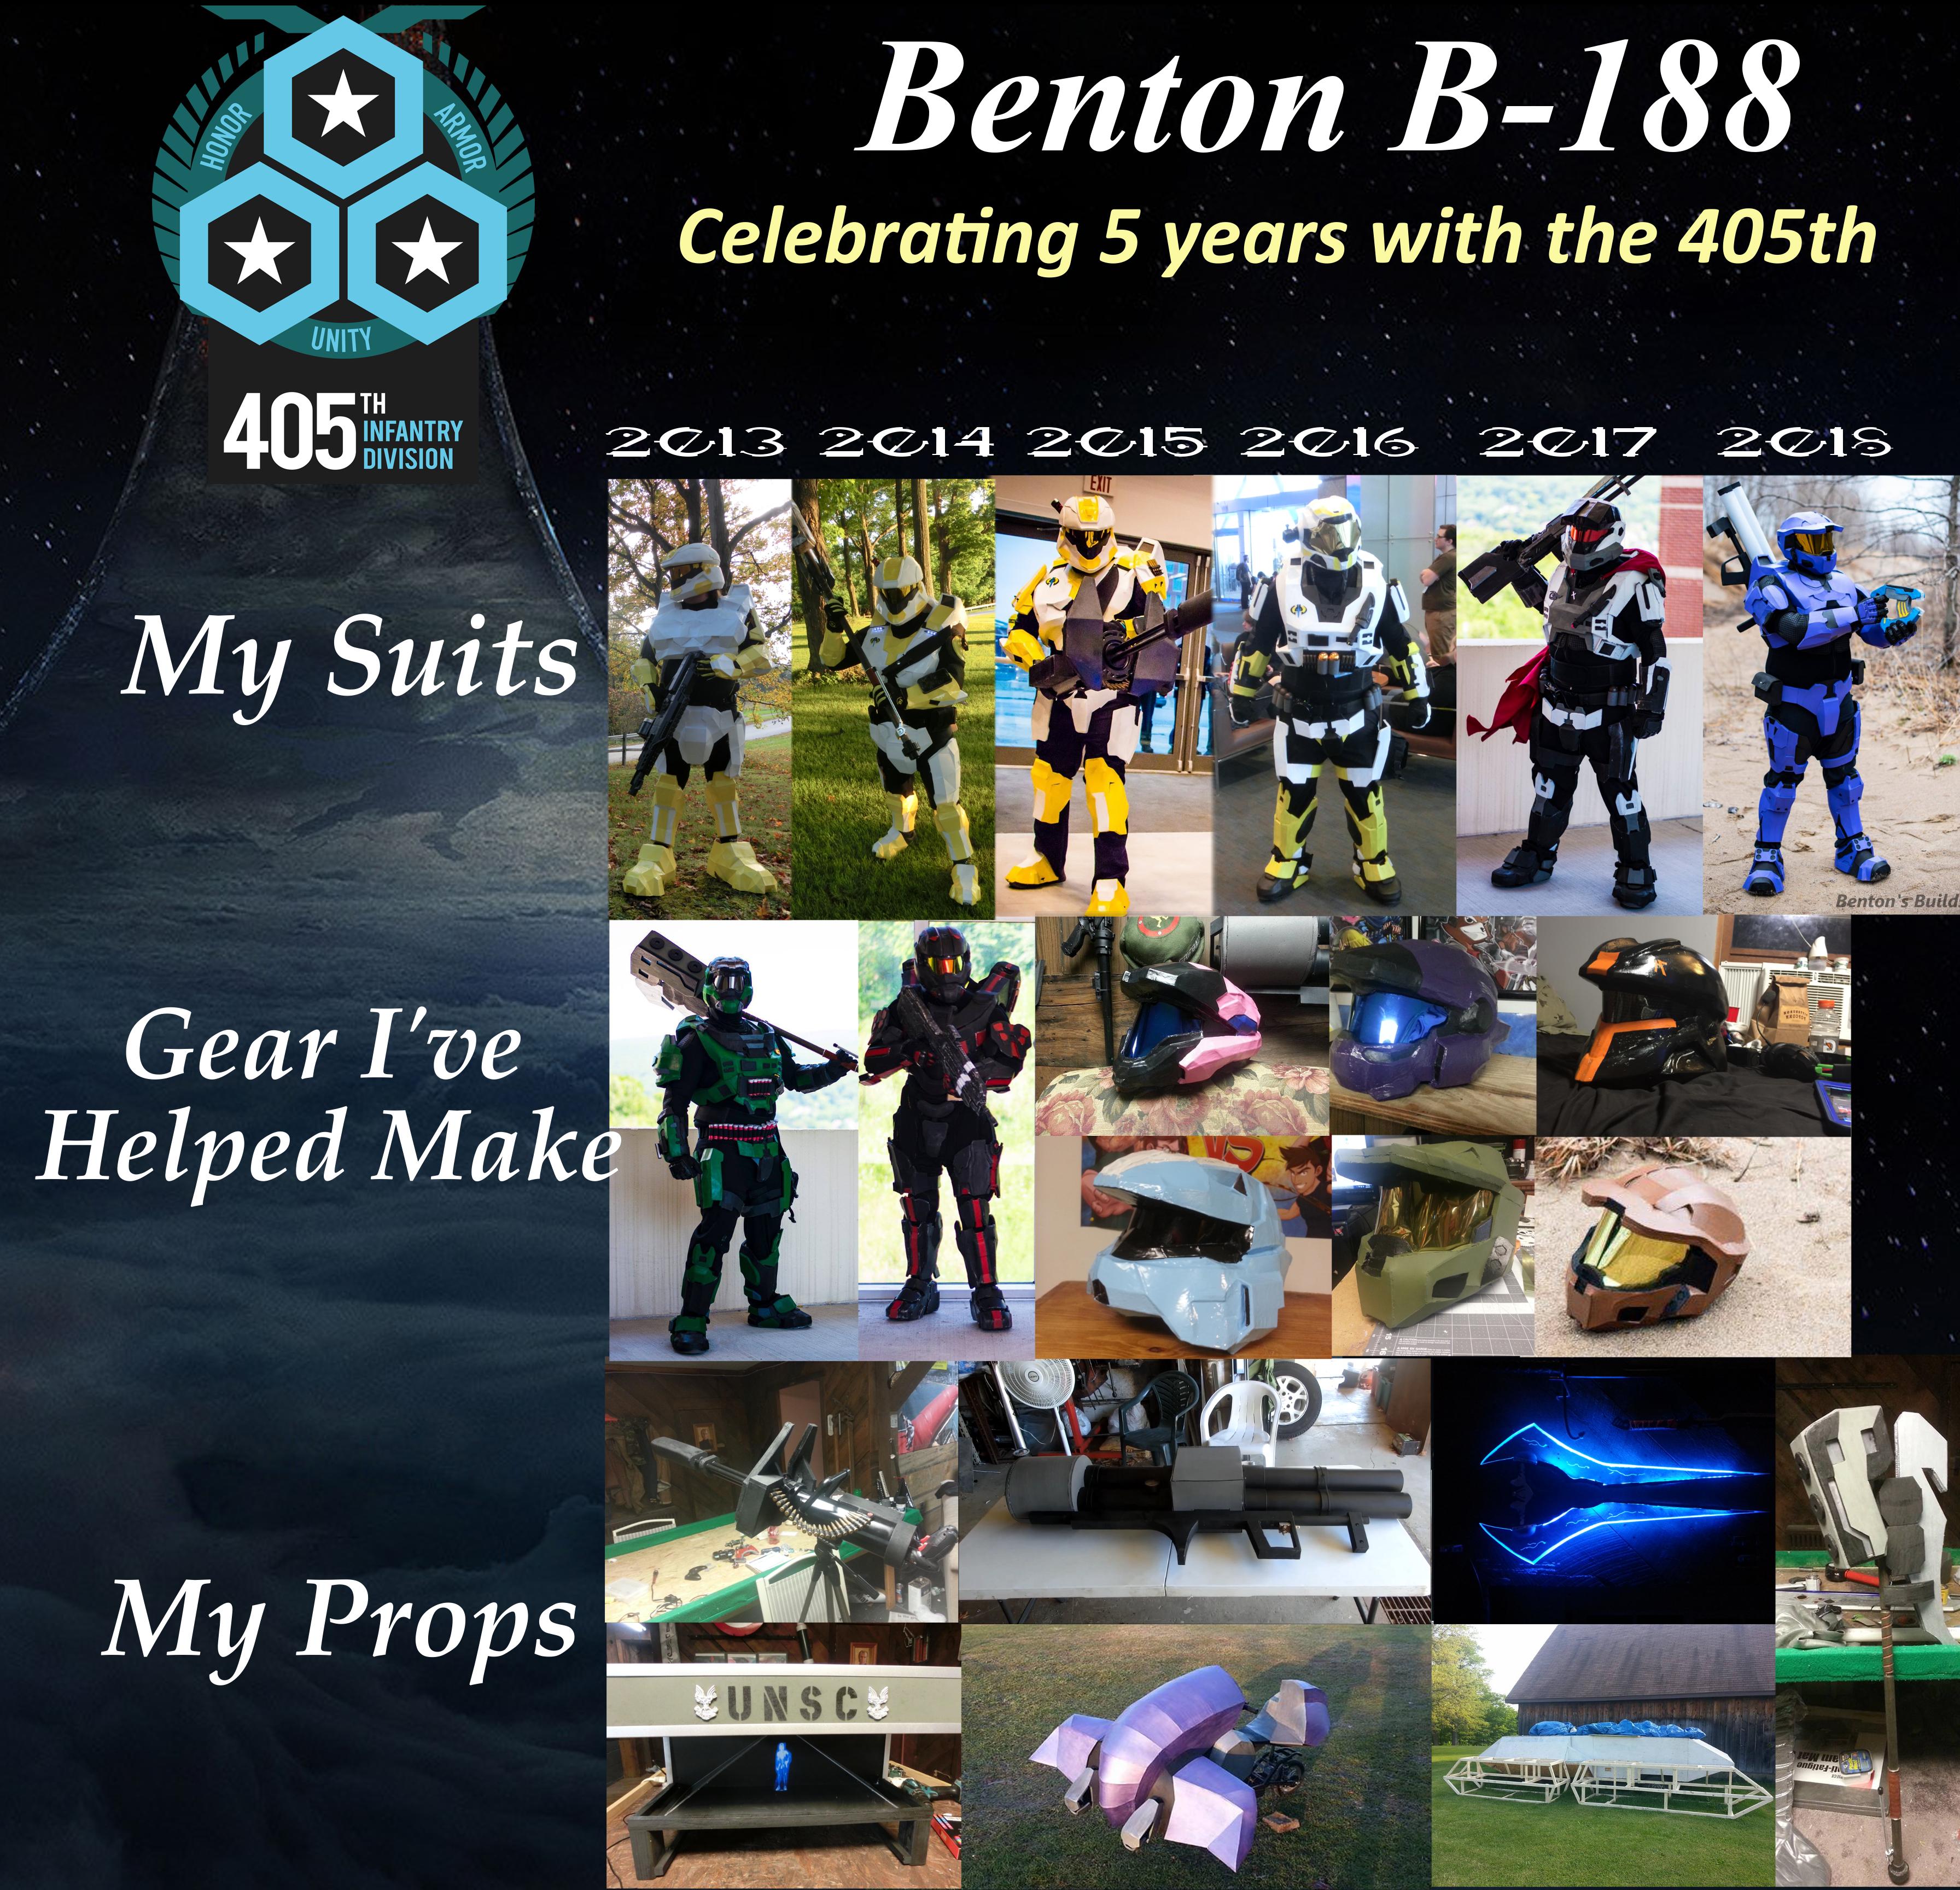 Benton B-188.png